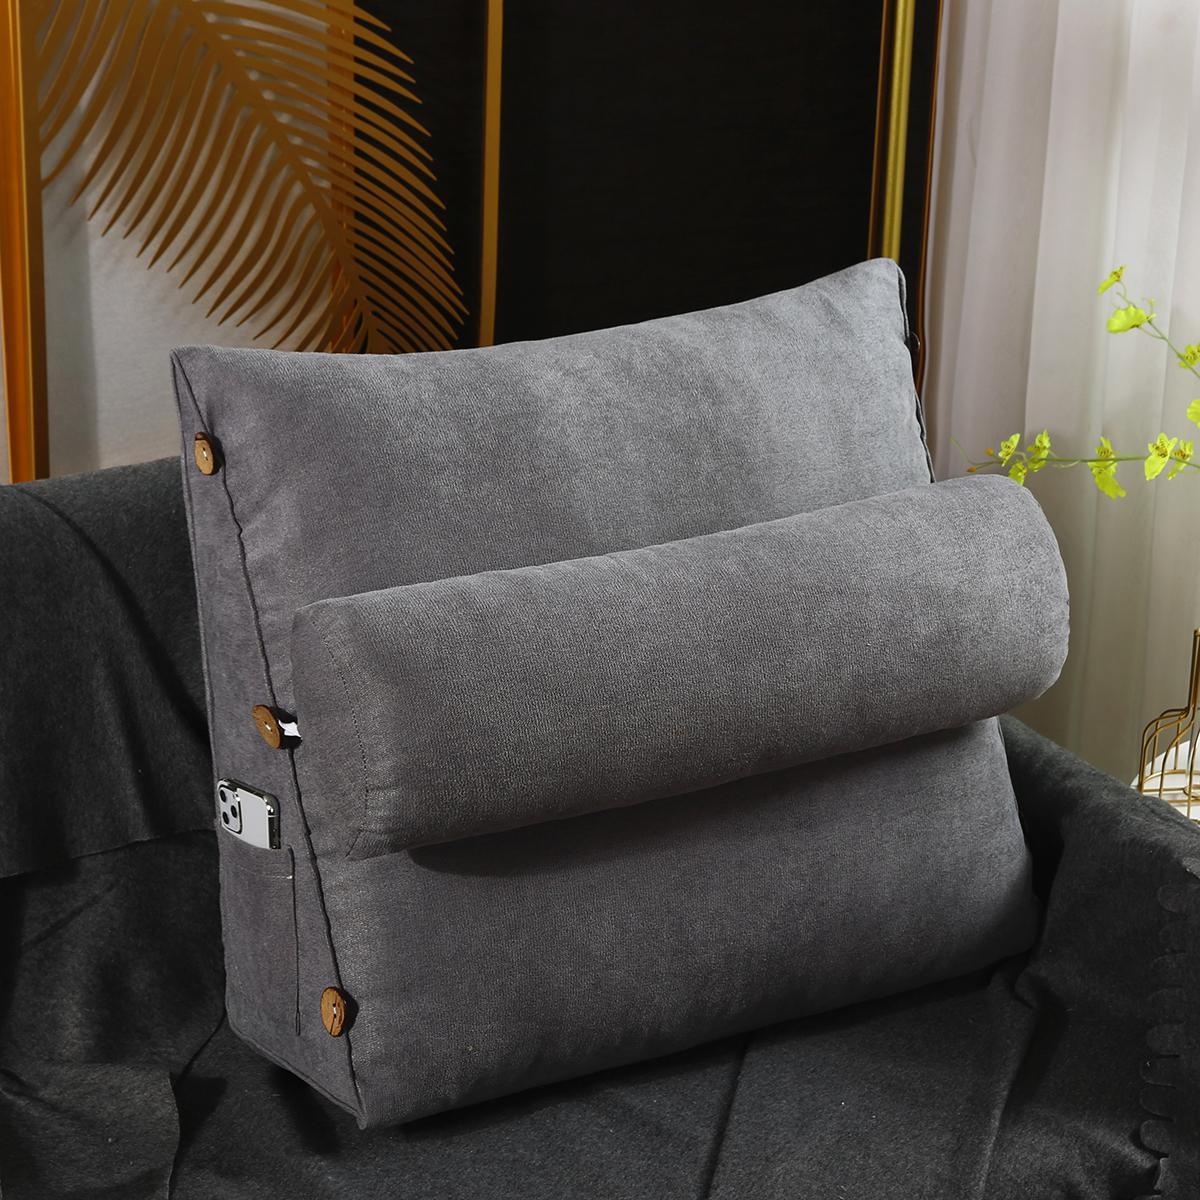 wedge lumbar pillow support cushion backrest bolster soft headboard home bedroom light grey